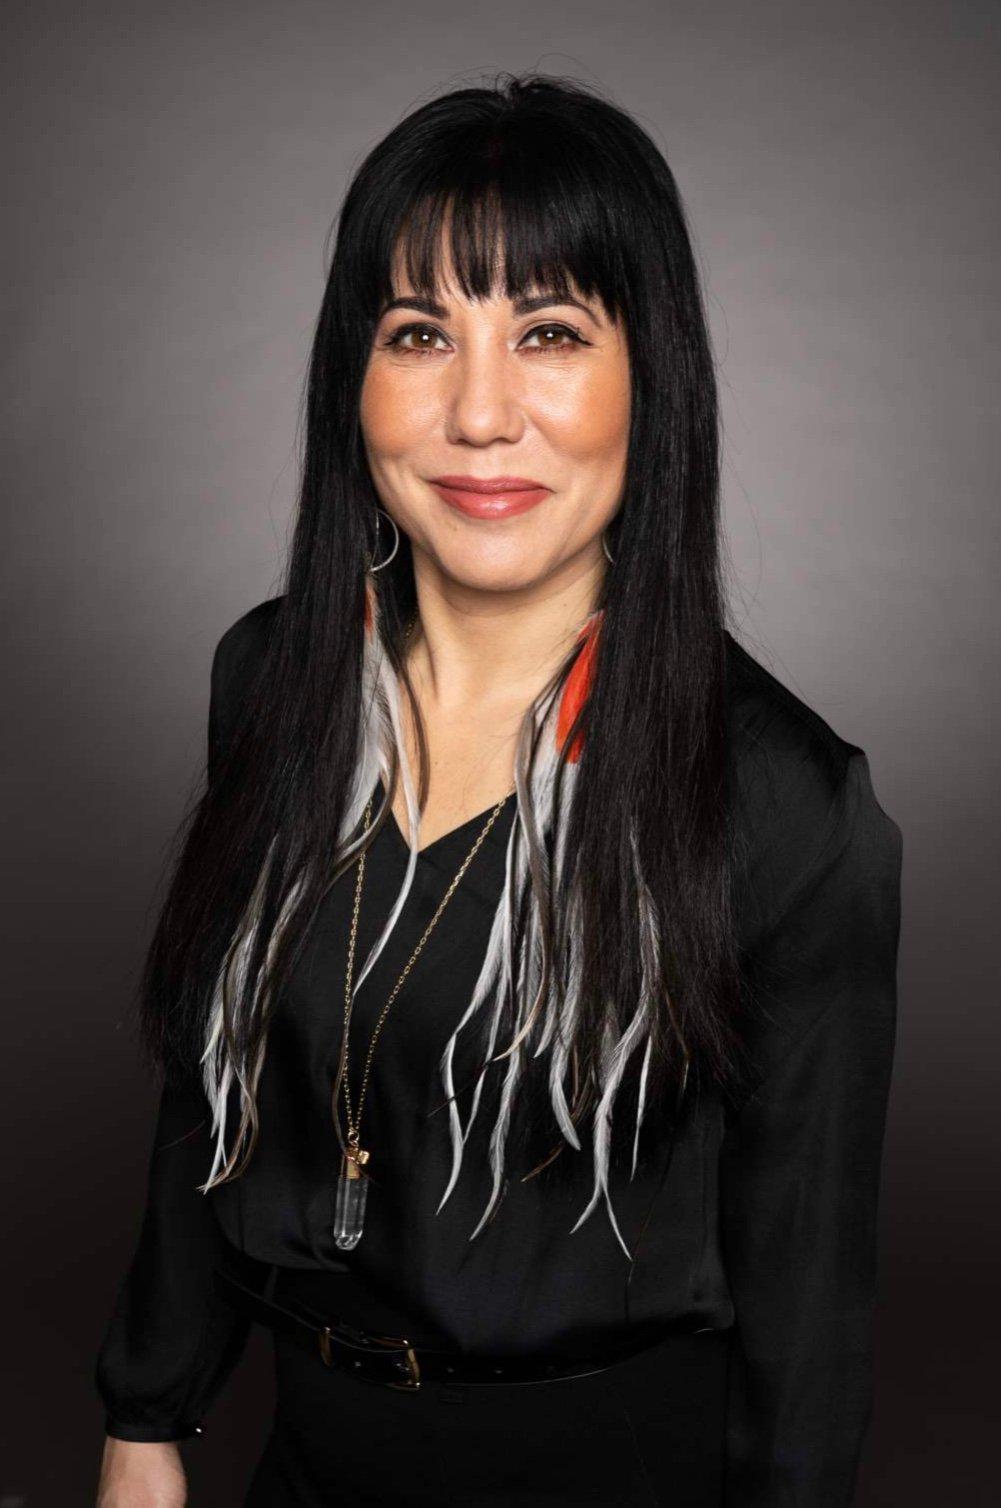 MP Leah Gazan